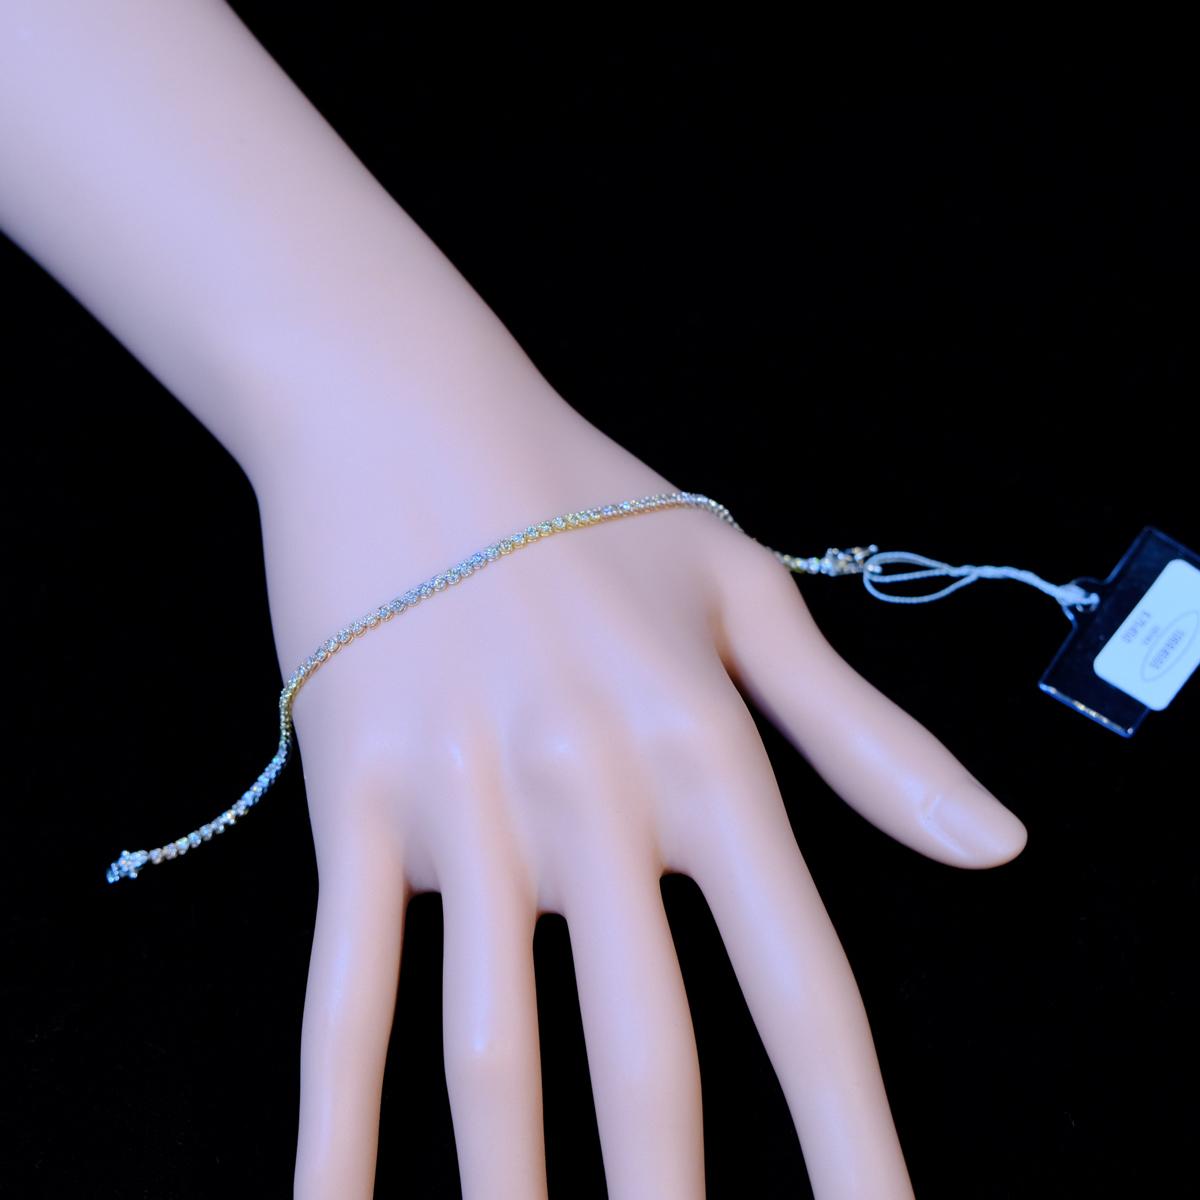 *BL2145【BC新作ブライダルコレクション】Tennis Bracelet 天然絶品ダイヤモンド1.00ct 最高級18金YGPG・Pt950無垢テニスブレスレット